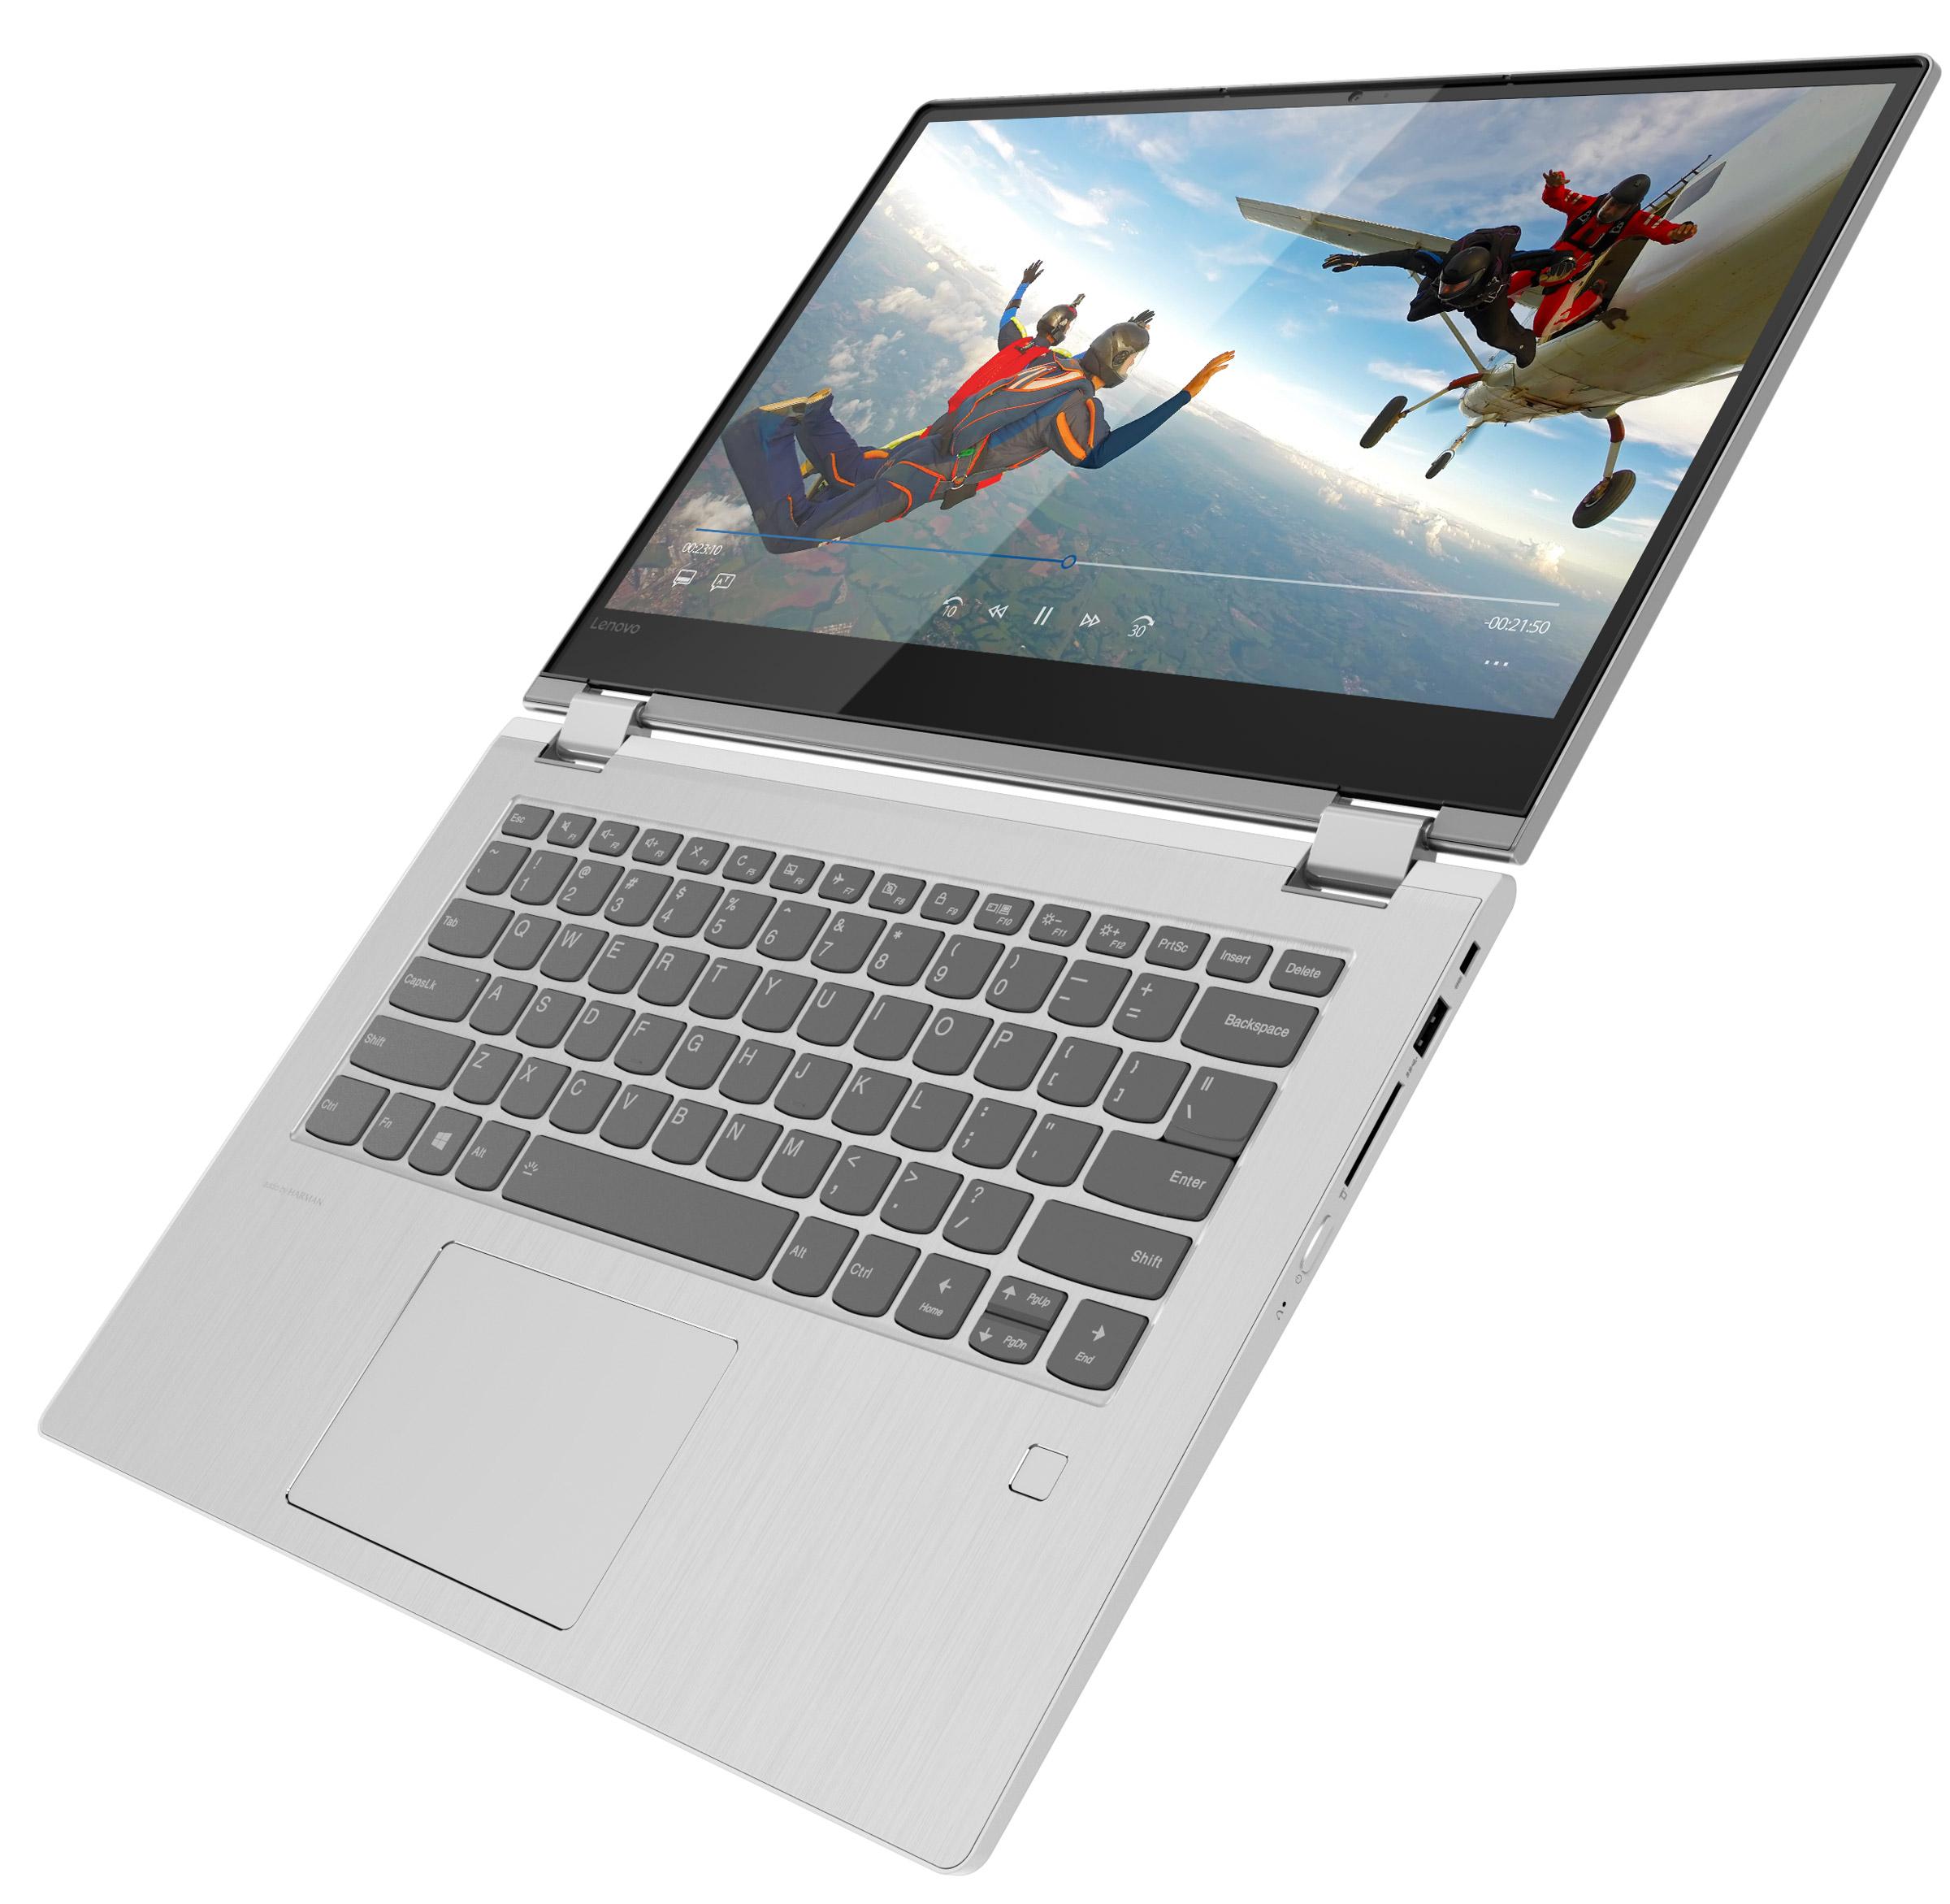 Фото  Ультрабук Lenovo Yoga 530 Mineral Grey (81EK00KGRA)